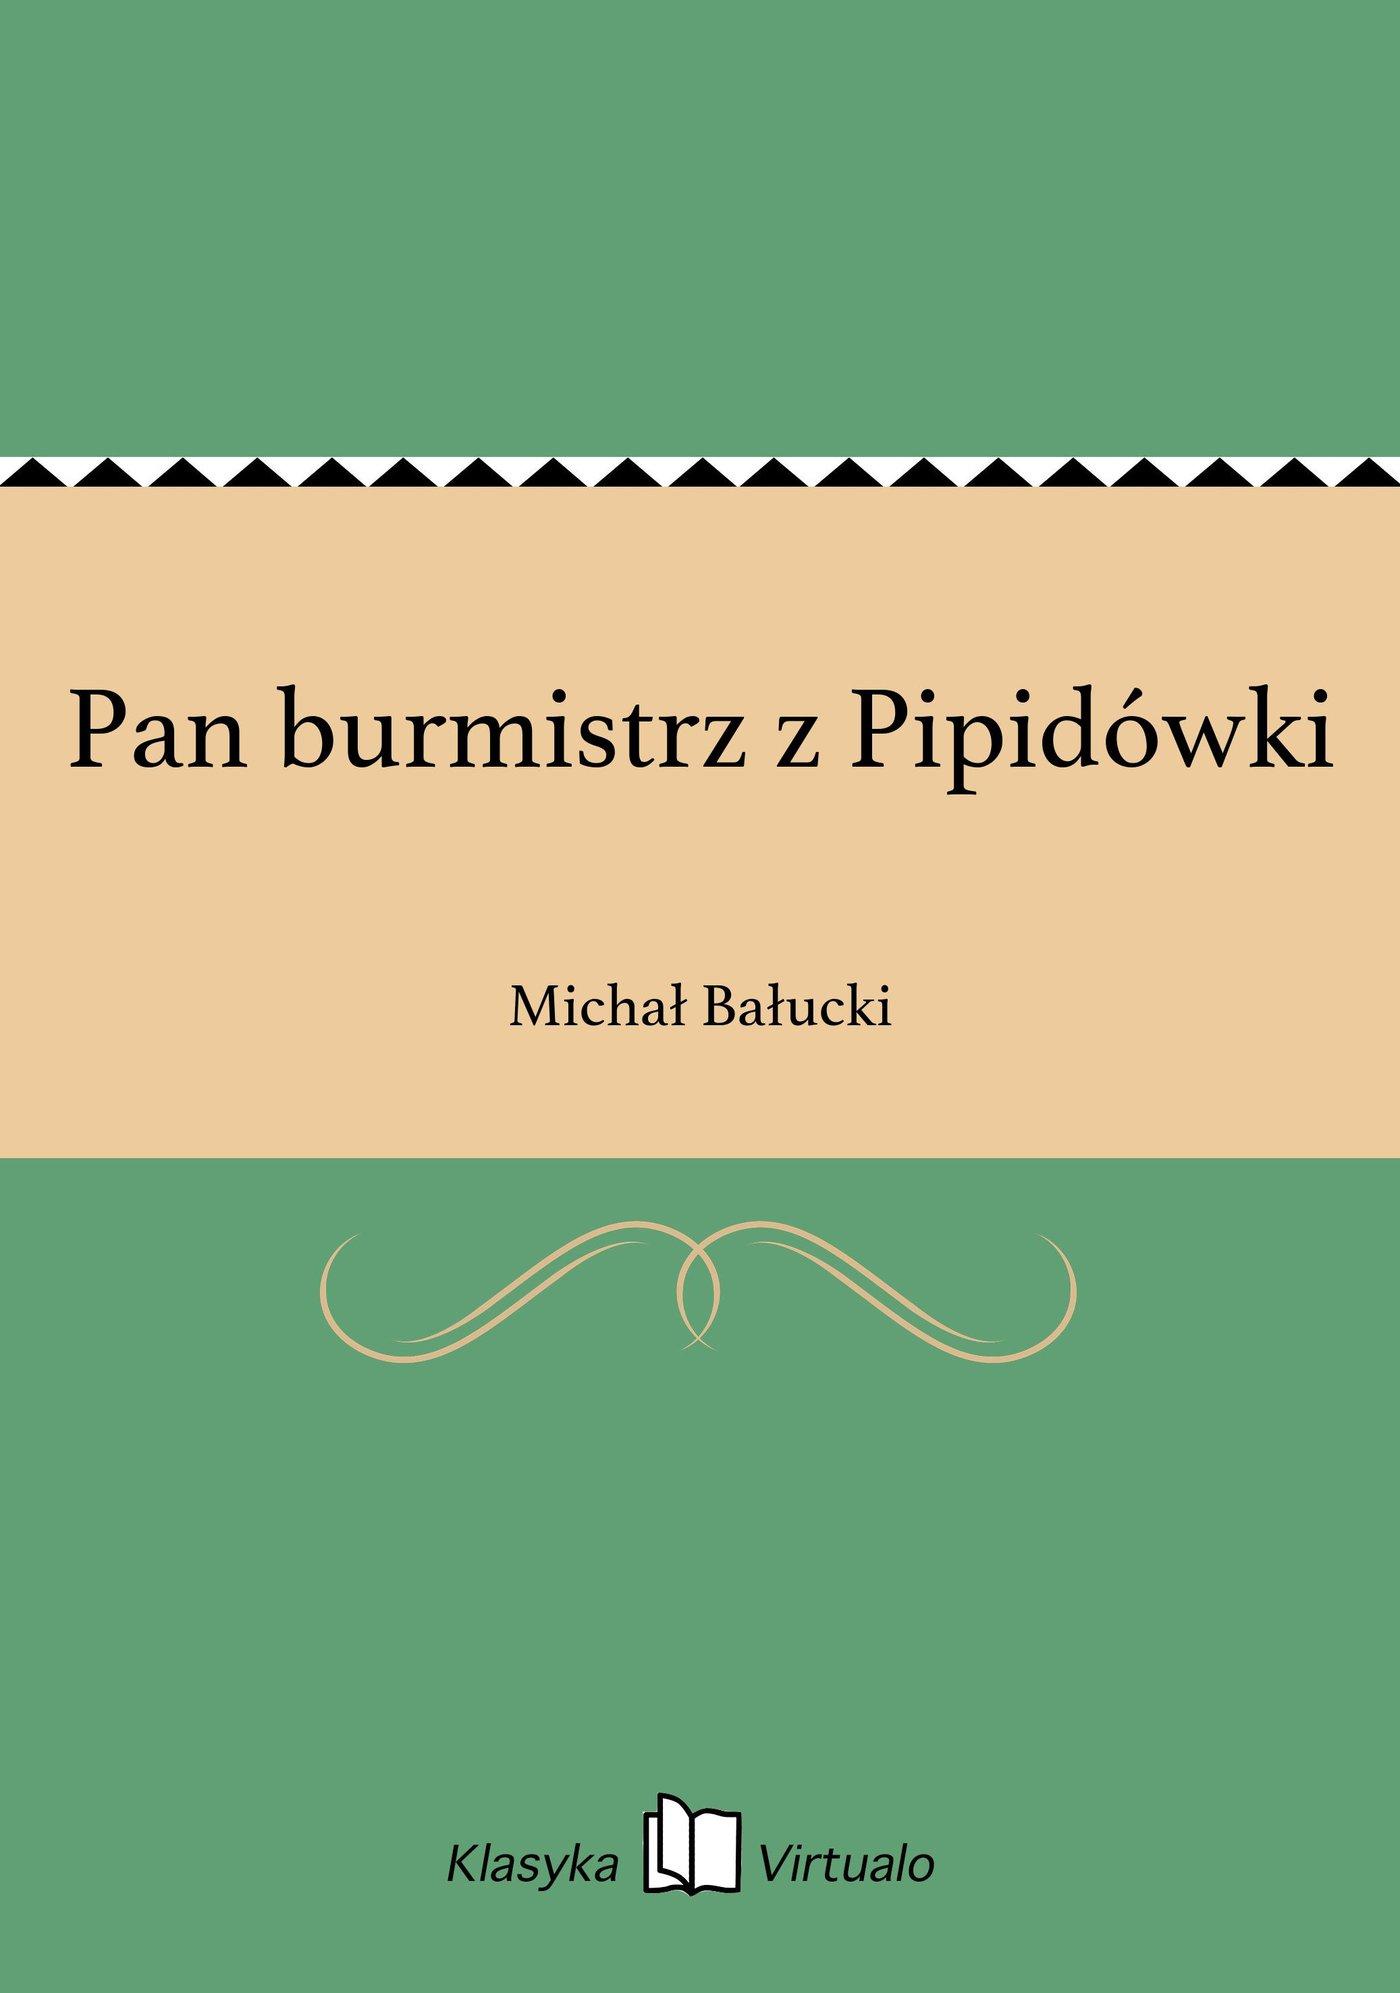 Pan burmistrz z Pipidówki - Ebook (Książka EPUB) do pobrania w formacie EPUB